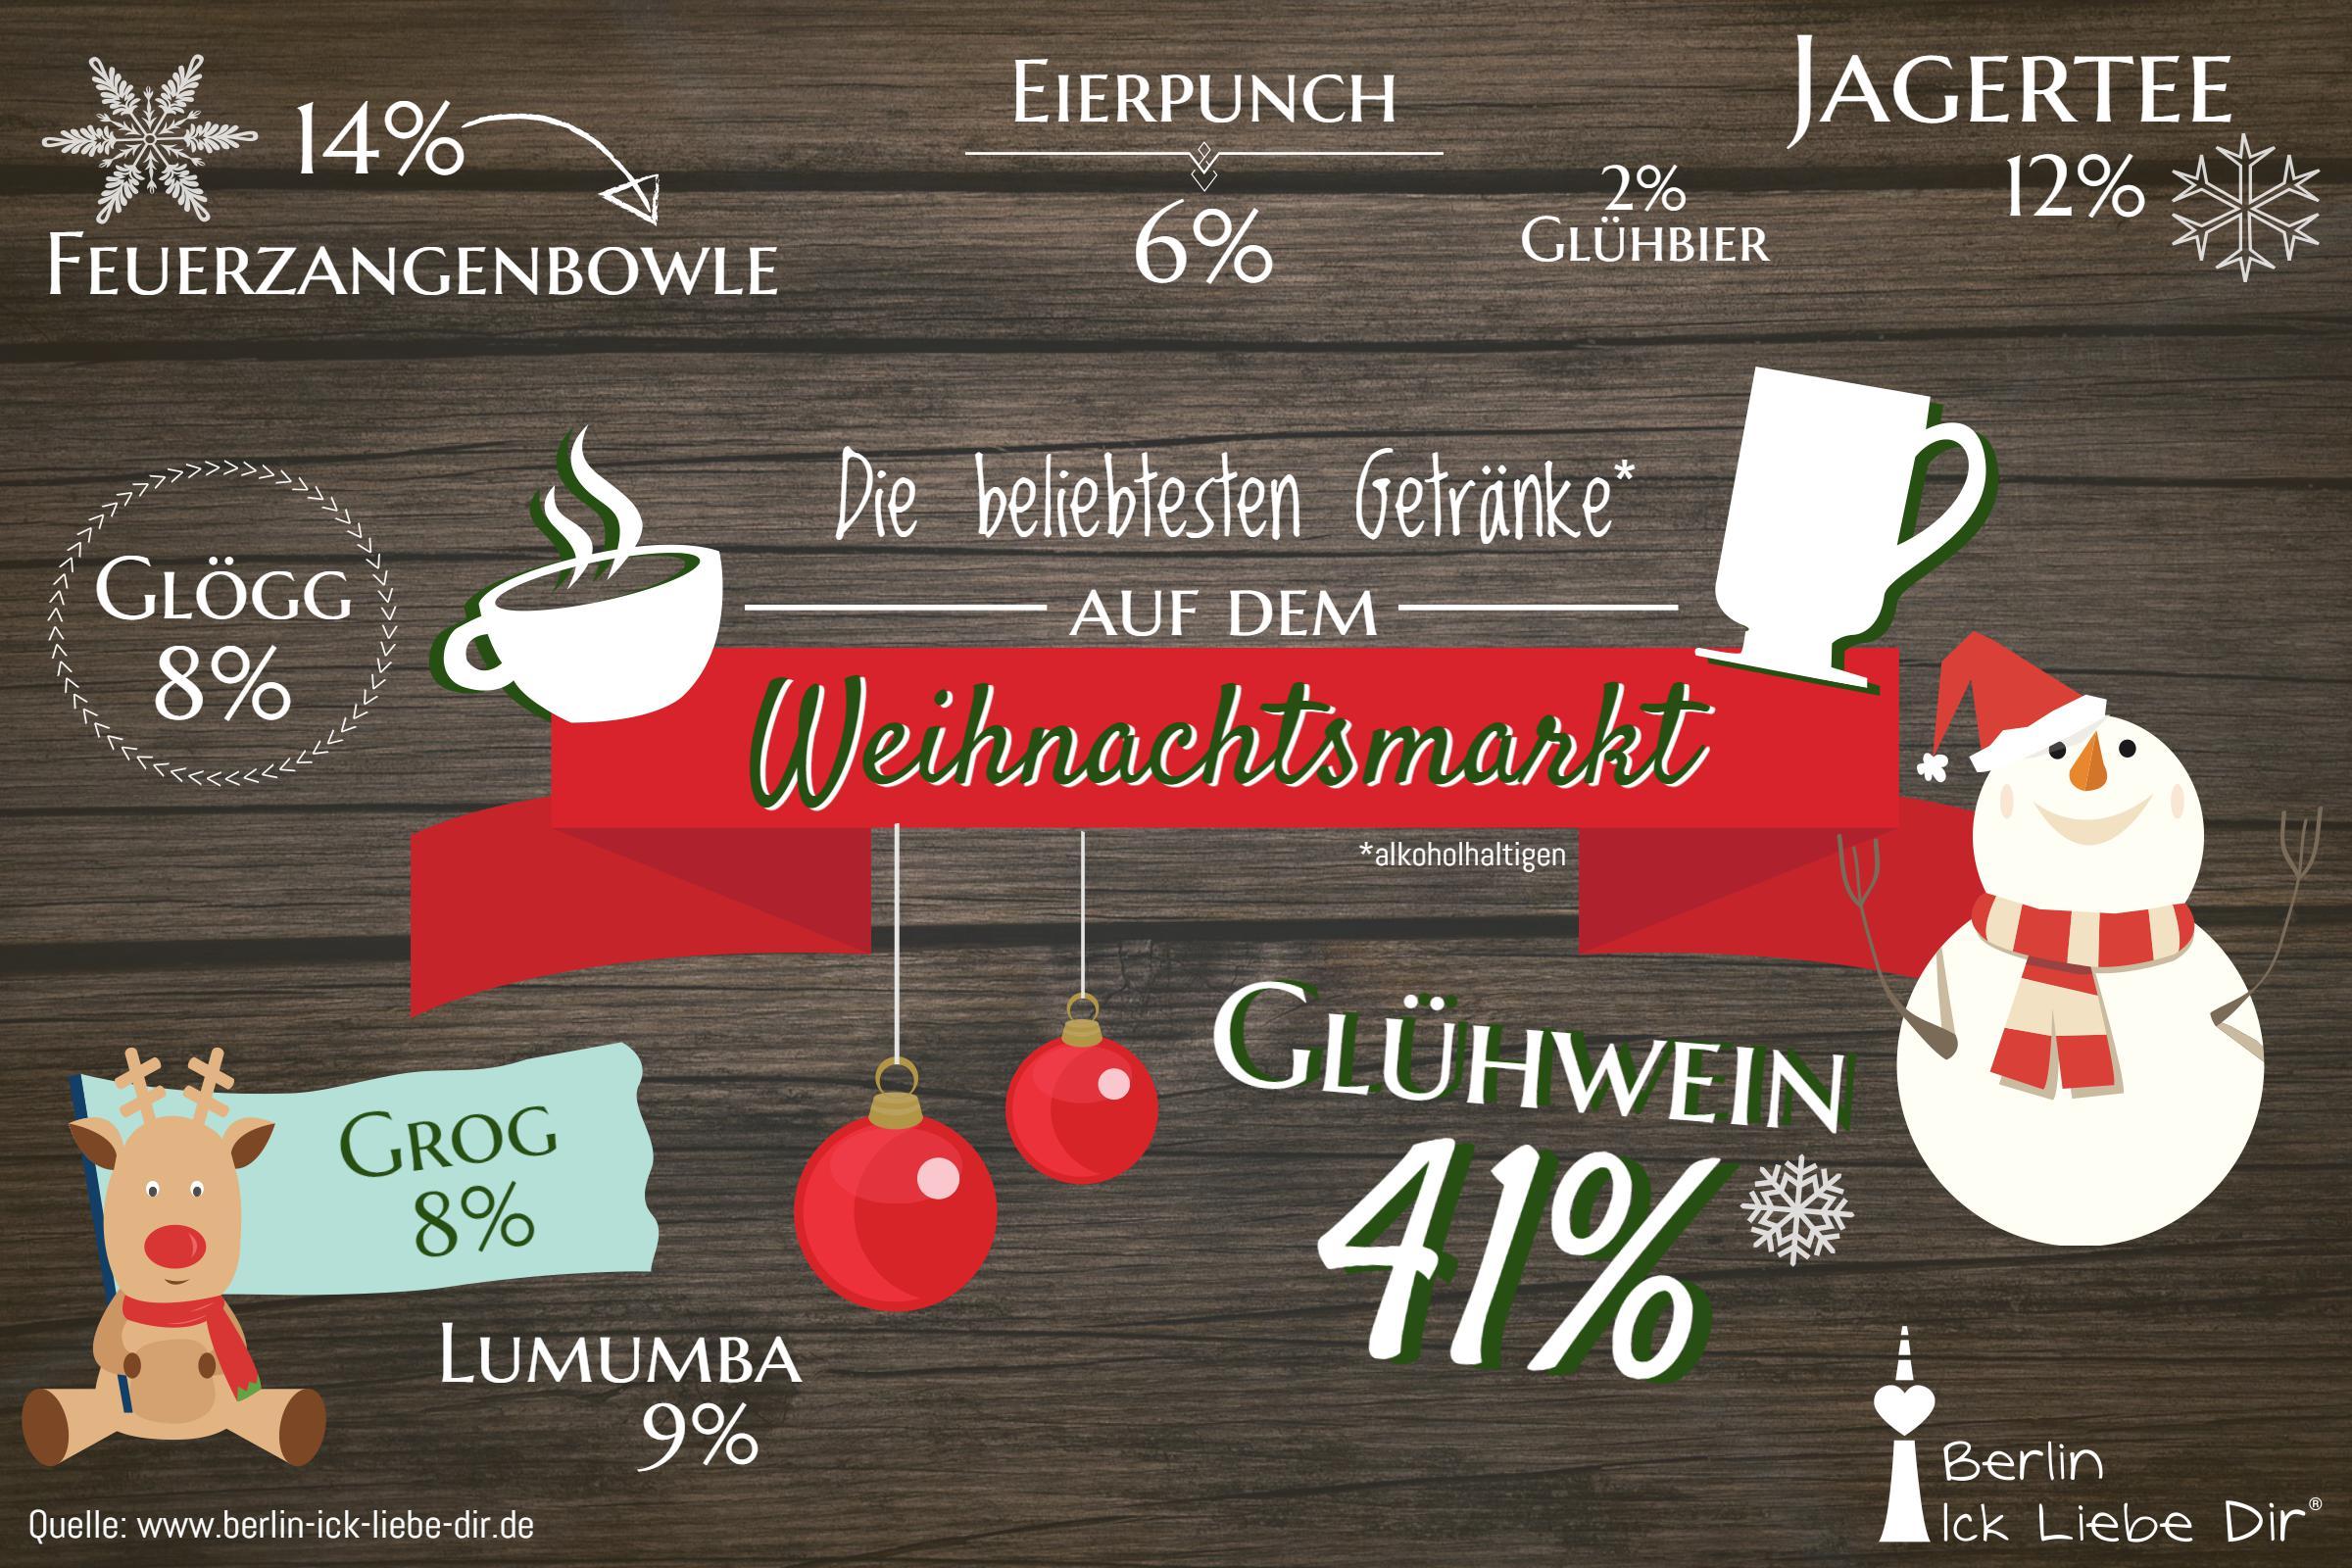 alkoholhaltige-getra%cc%88nke-weihnachtsmarkt